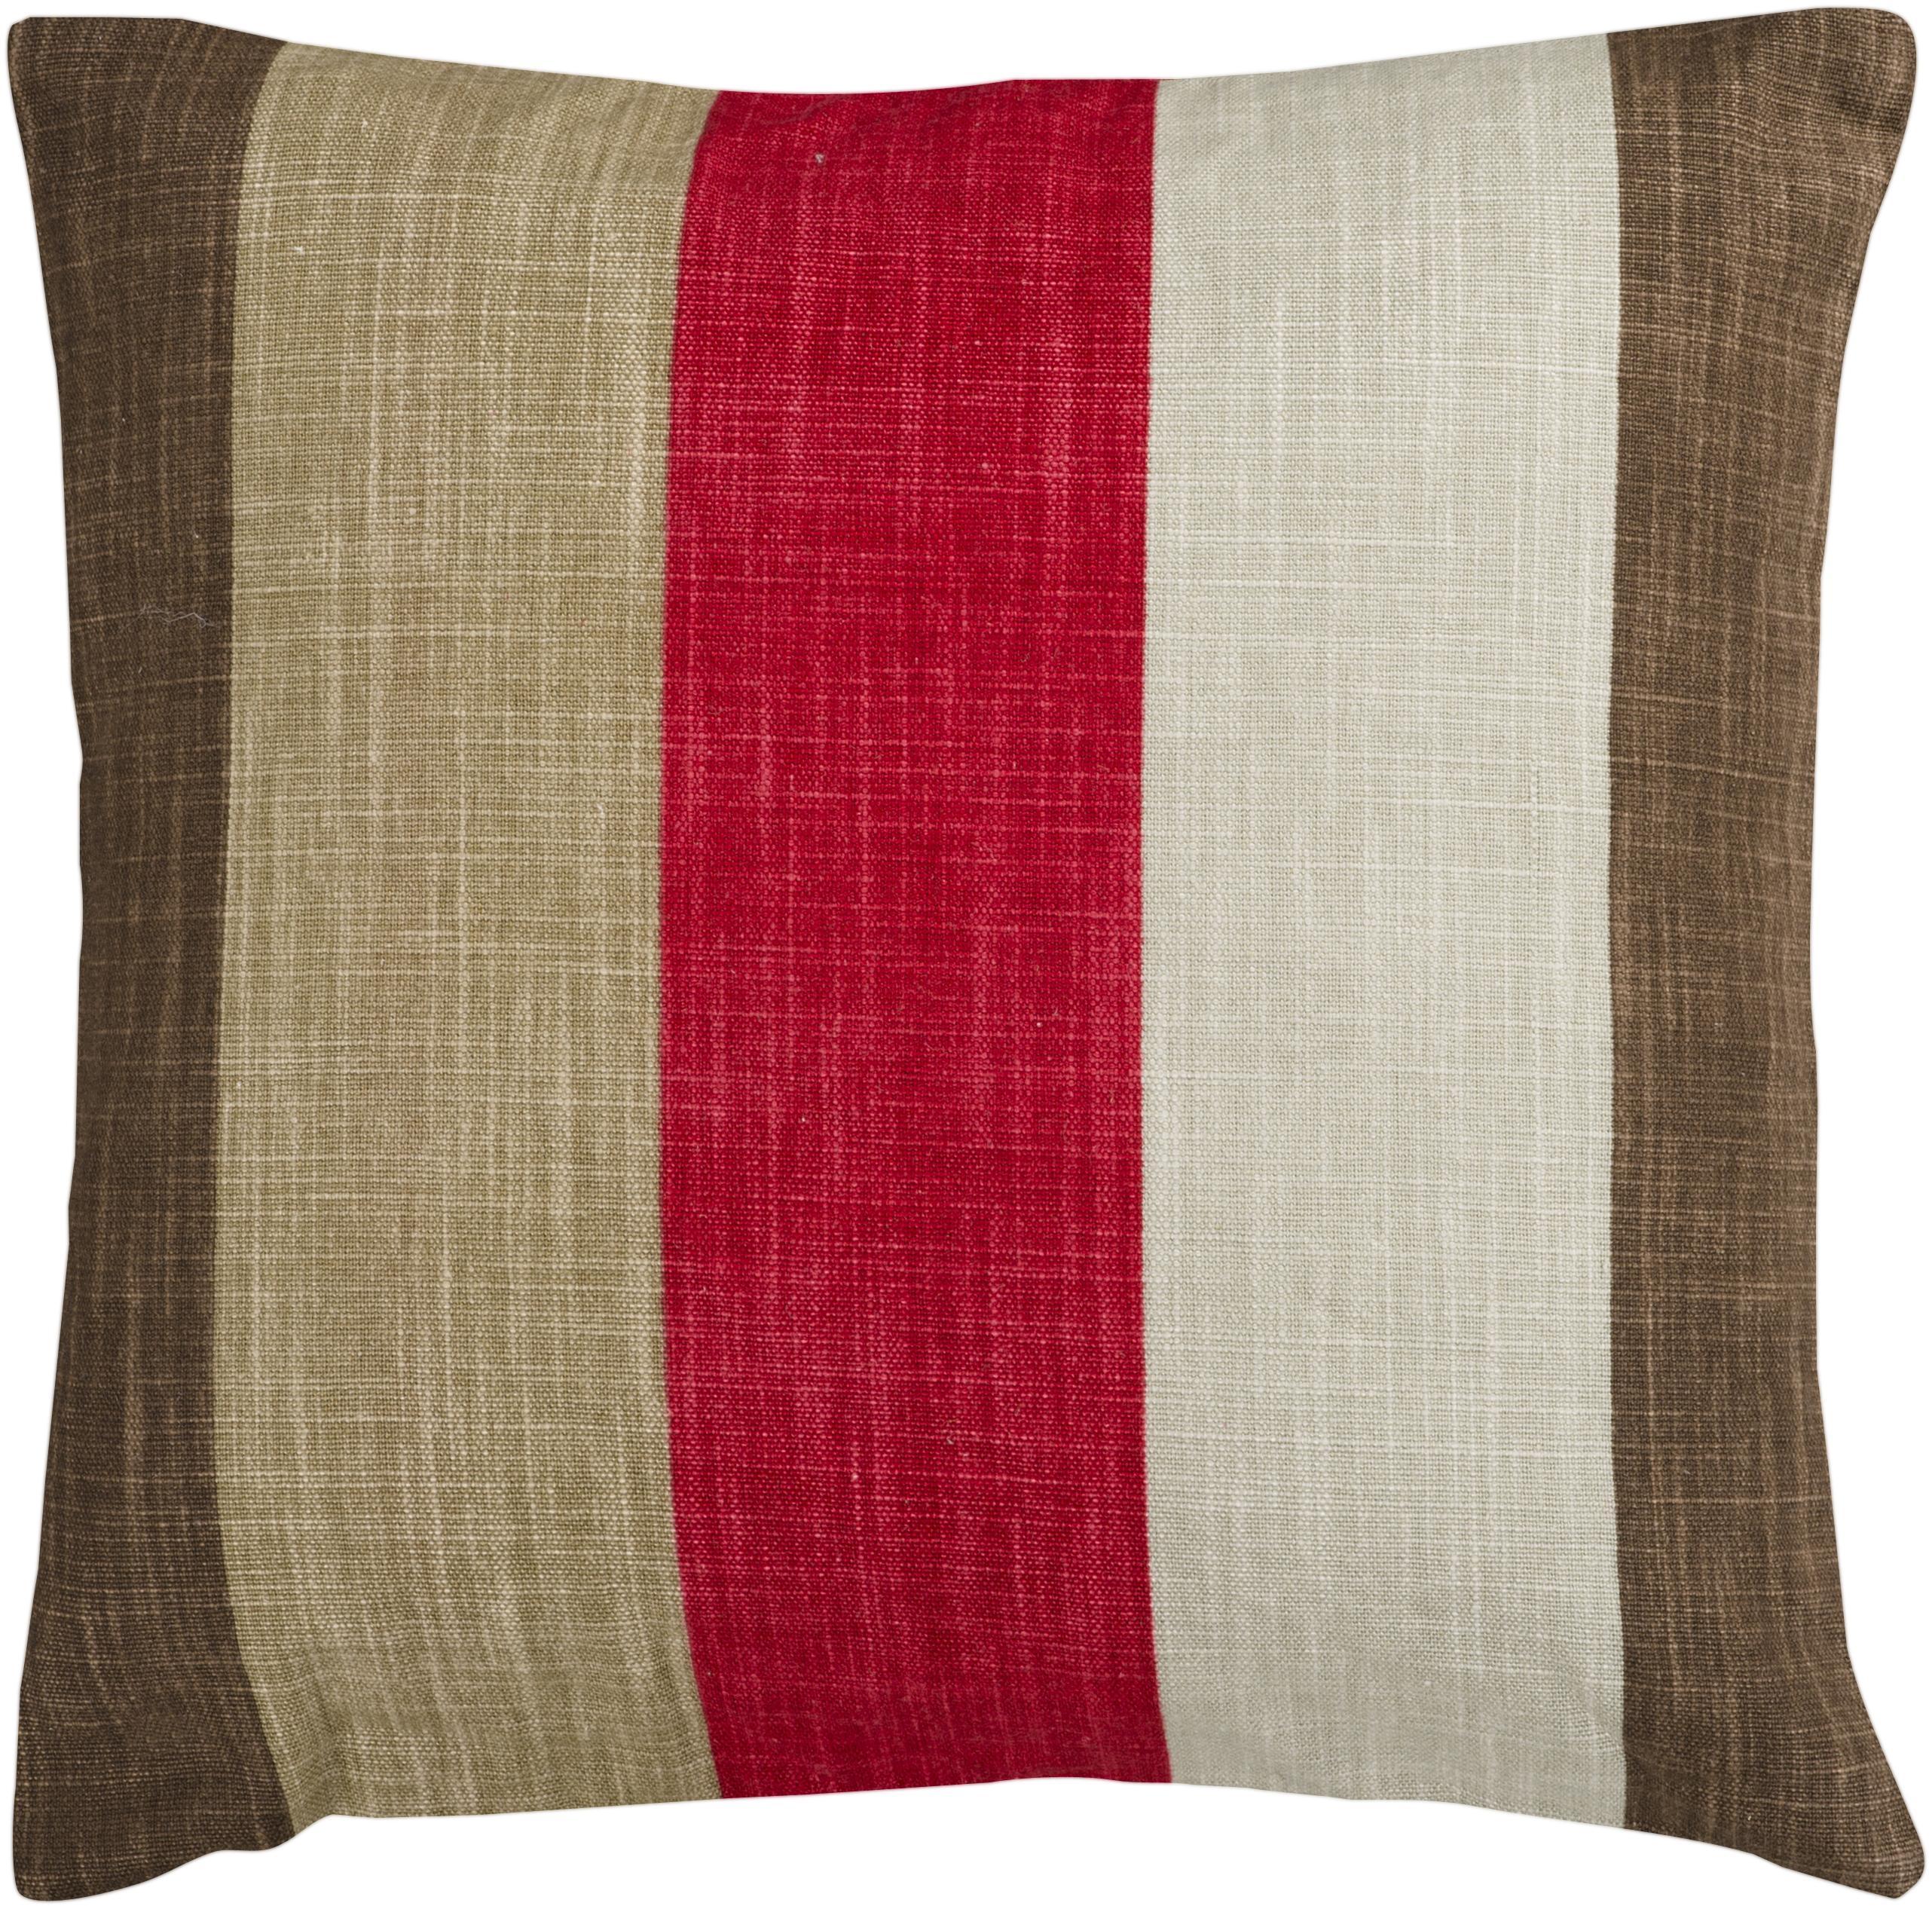 """Surya Pillows 18"""" x 18"""" Pillow - Item Number: JS012-1818P"""